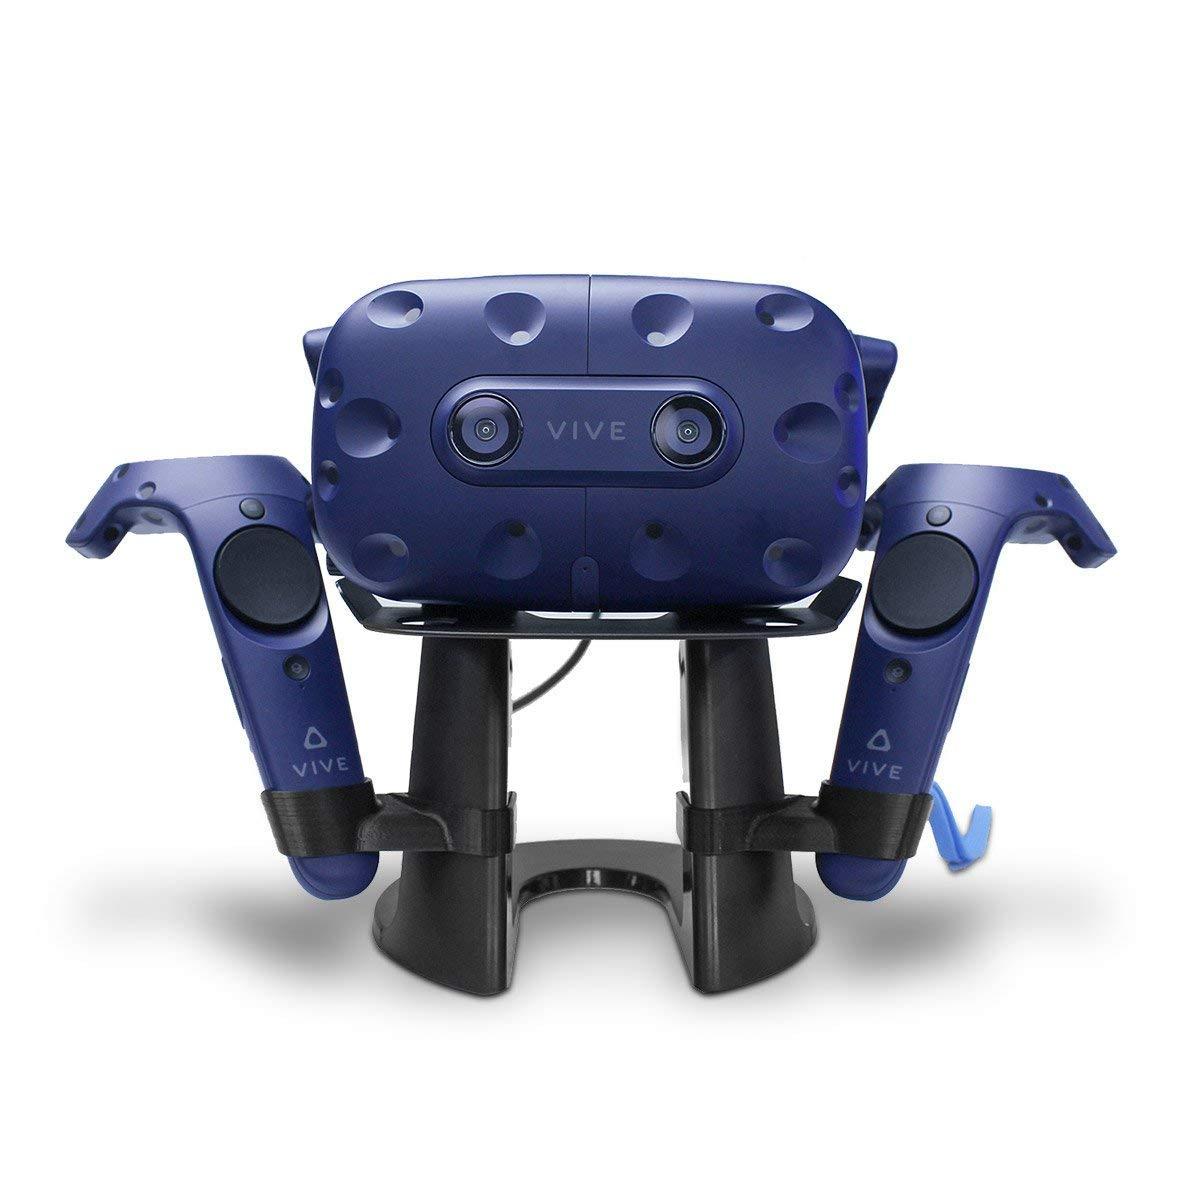 Support de contrôleur VR et présentoir, support de stockage de réalité virtuelle Support de casque pour casque HTC Vive et casque HTC Vive Pro VR